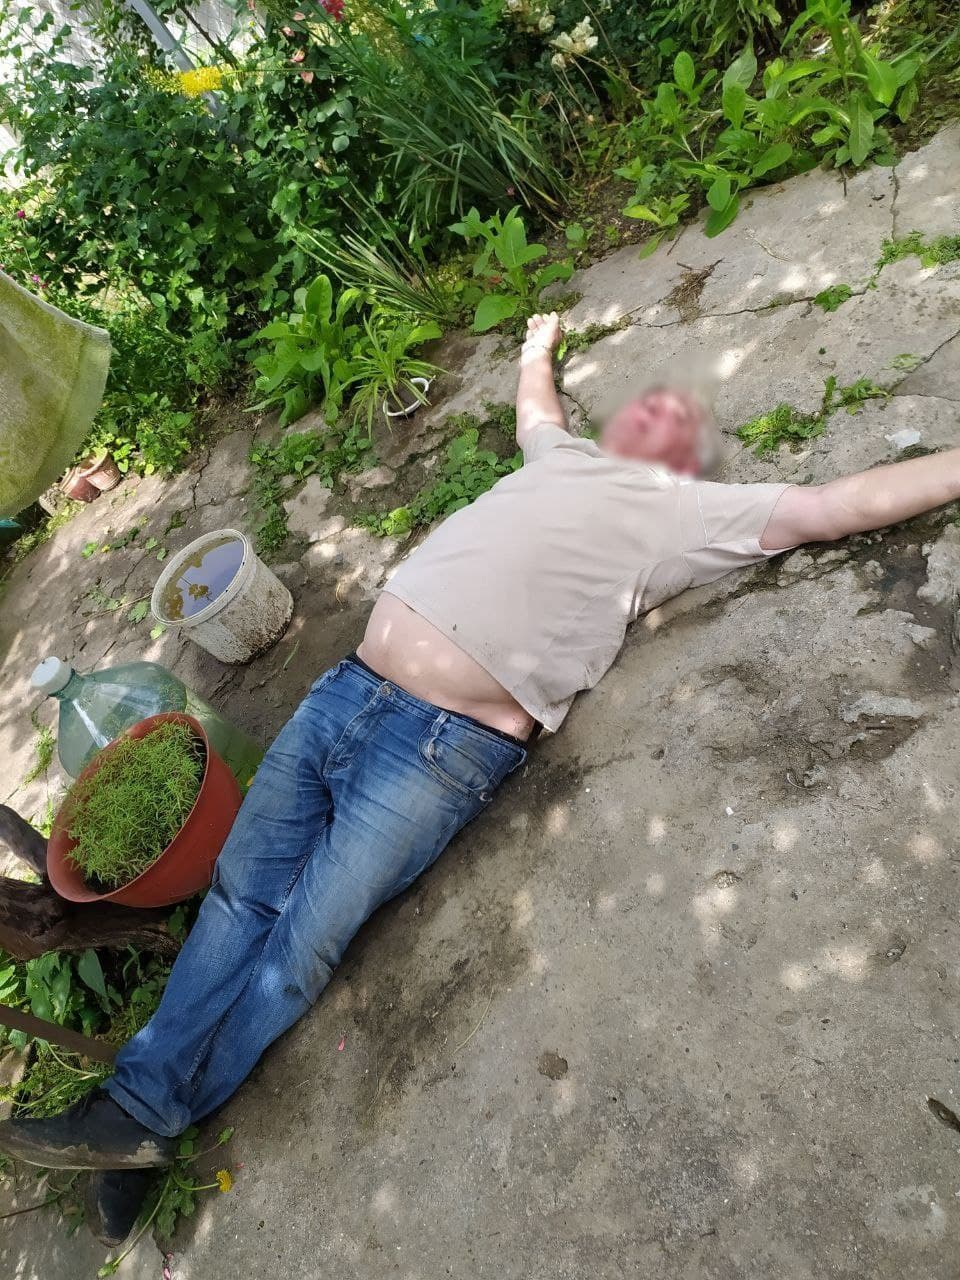 По Измаилу разъезжал пьяный в стельку водитель на микроавтобусе, врезаясь на своем пути в бордюры и другие автомобили